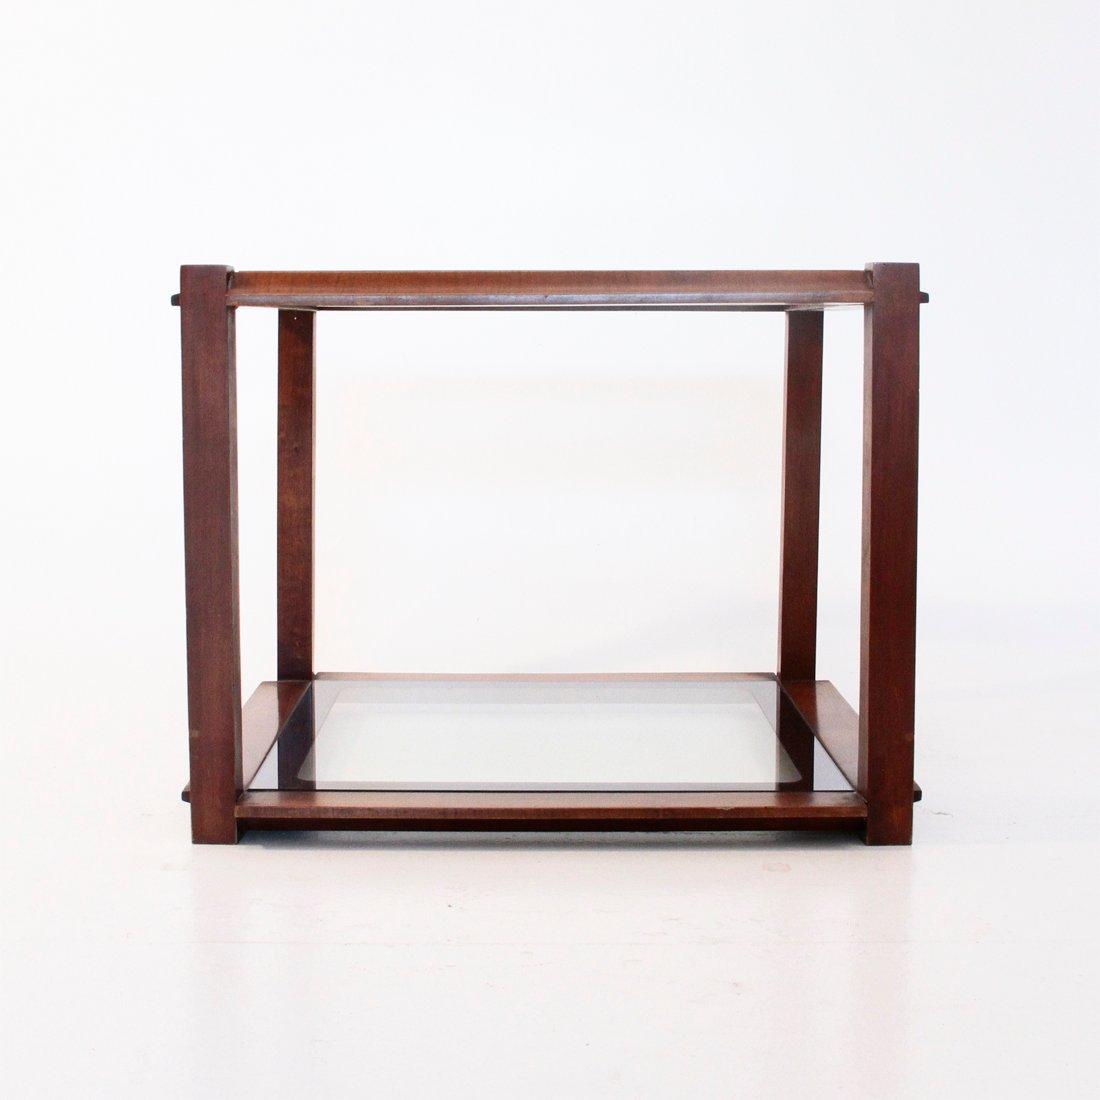 Table basse carr e en bois italie en vente sur pamono - Table basse carree en bois ...